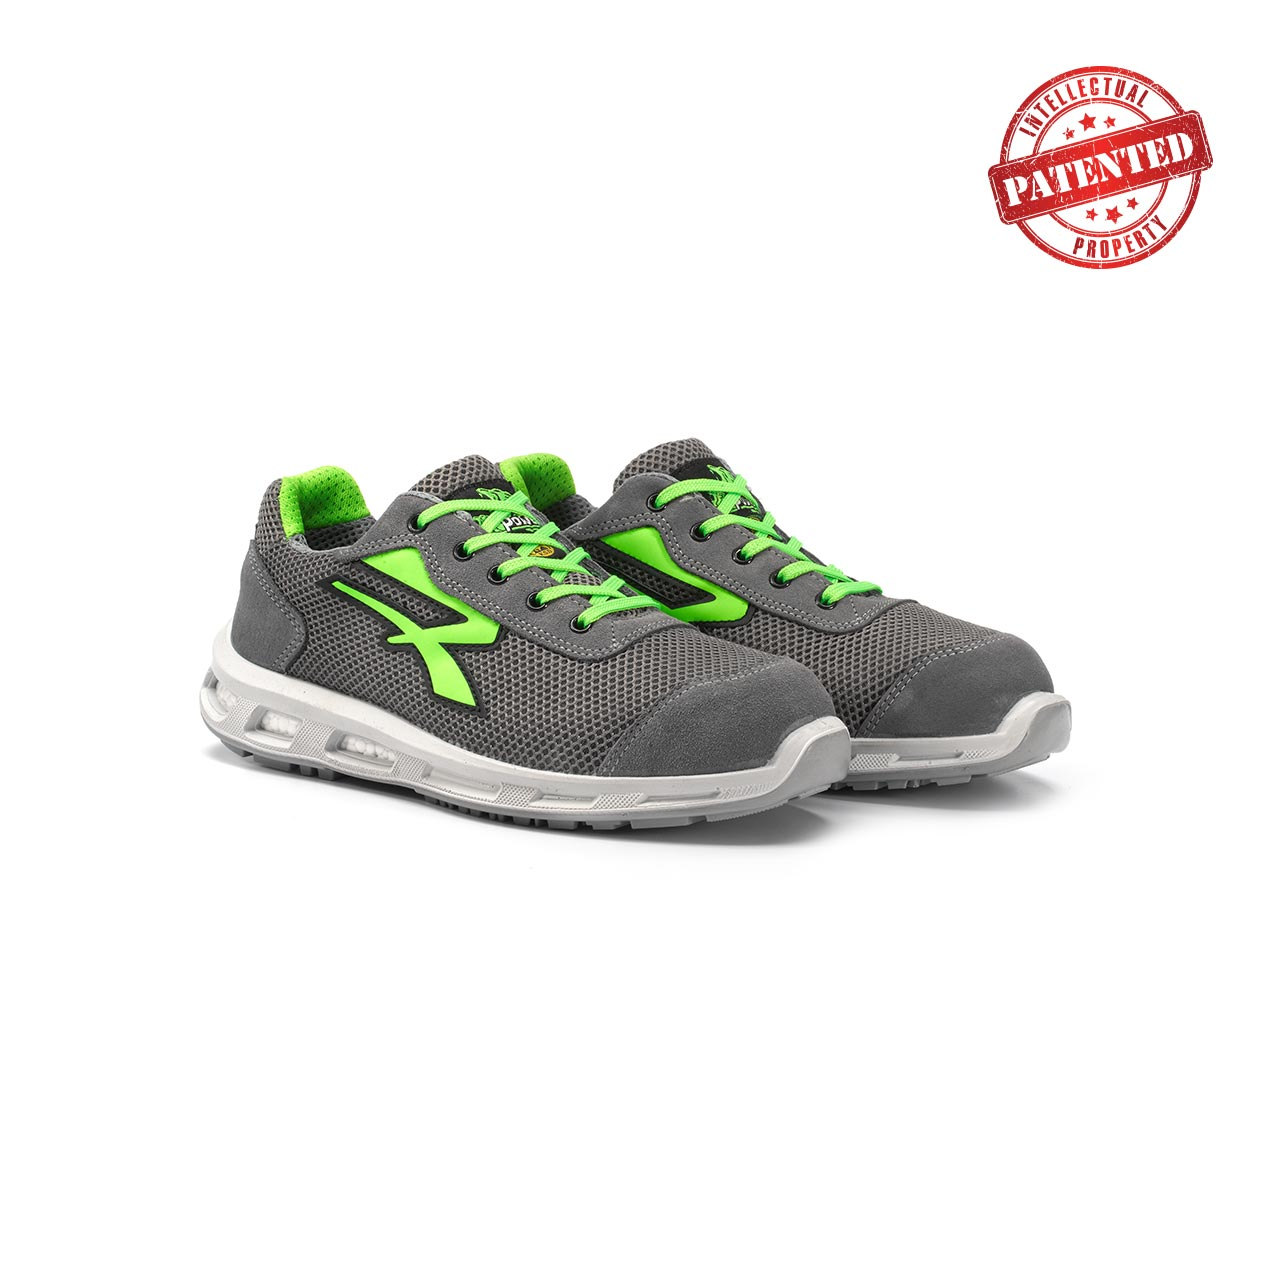 paio di scarpe antinfortunistiche upower modello summer linea redlion vista prospettica